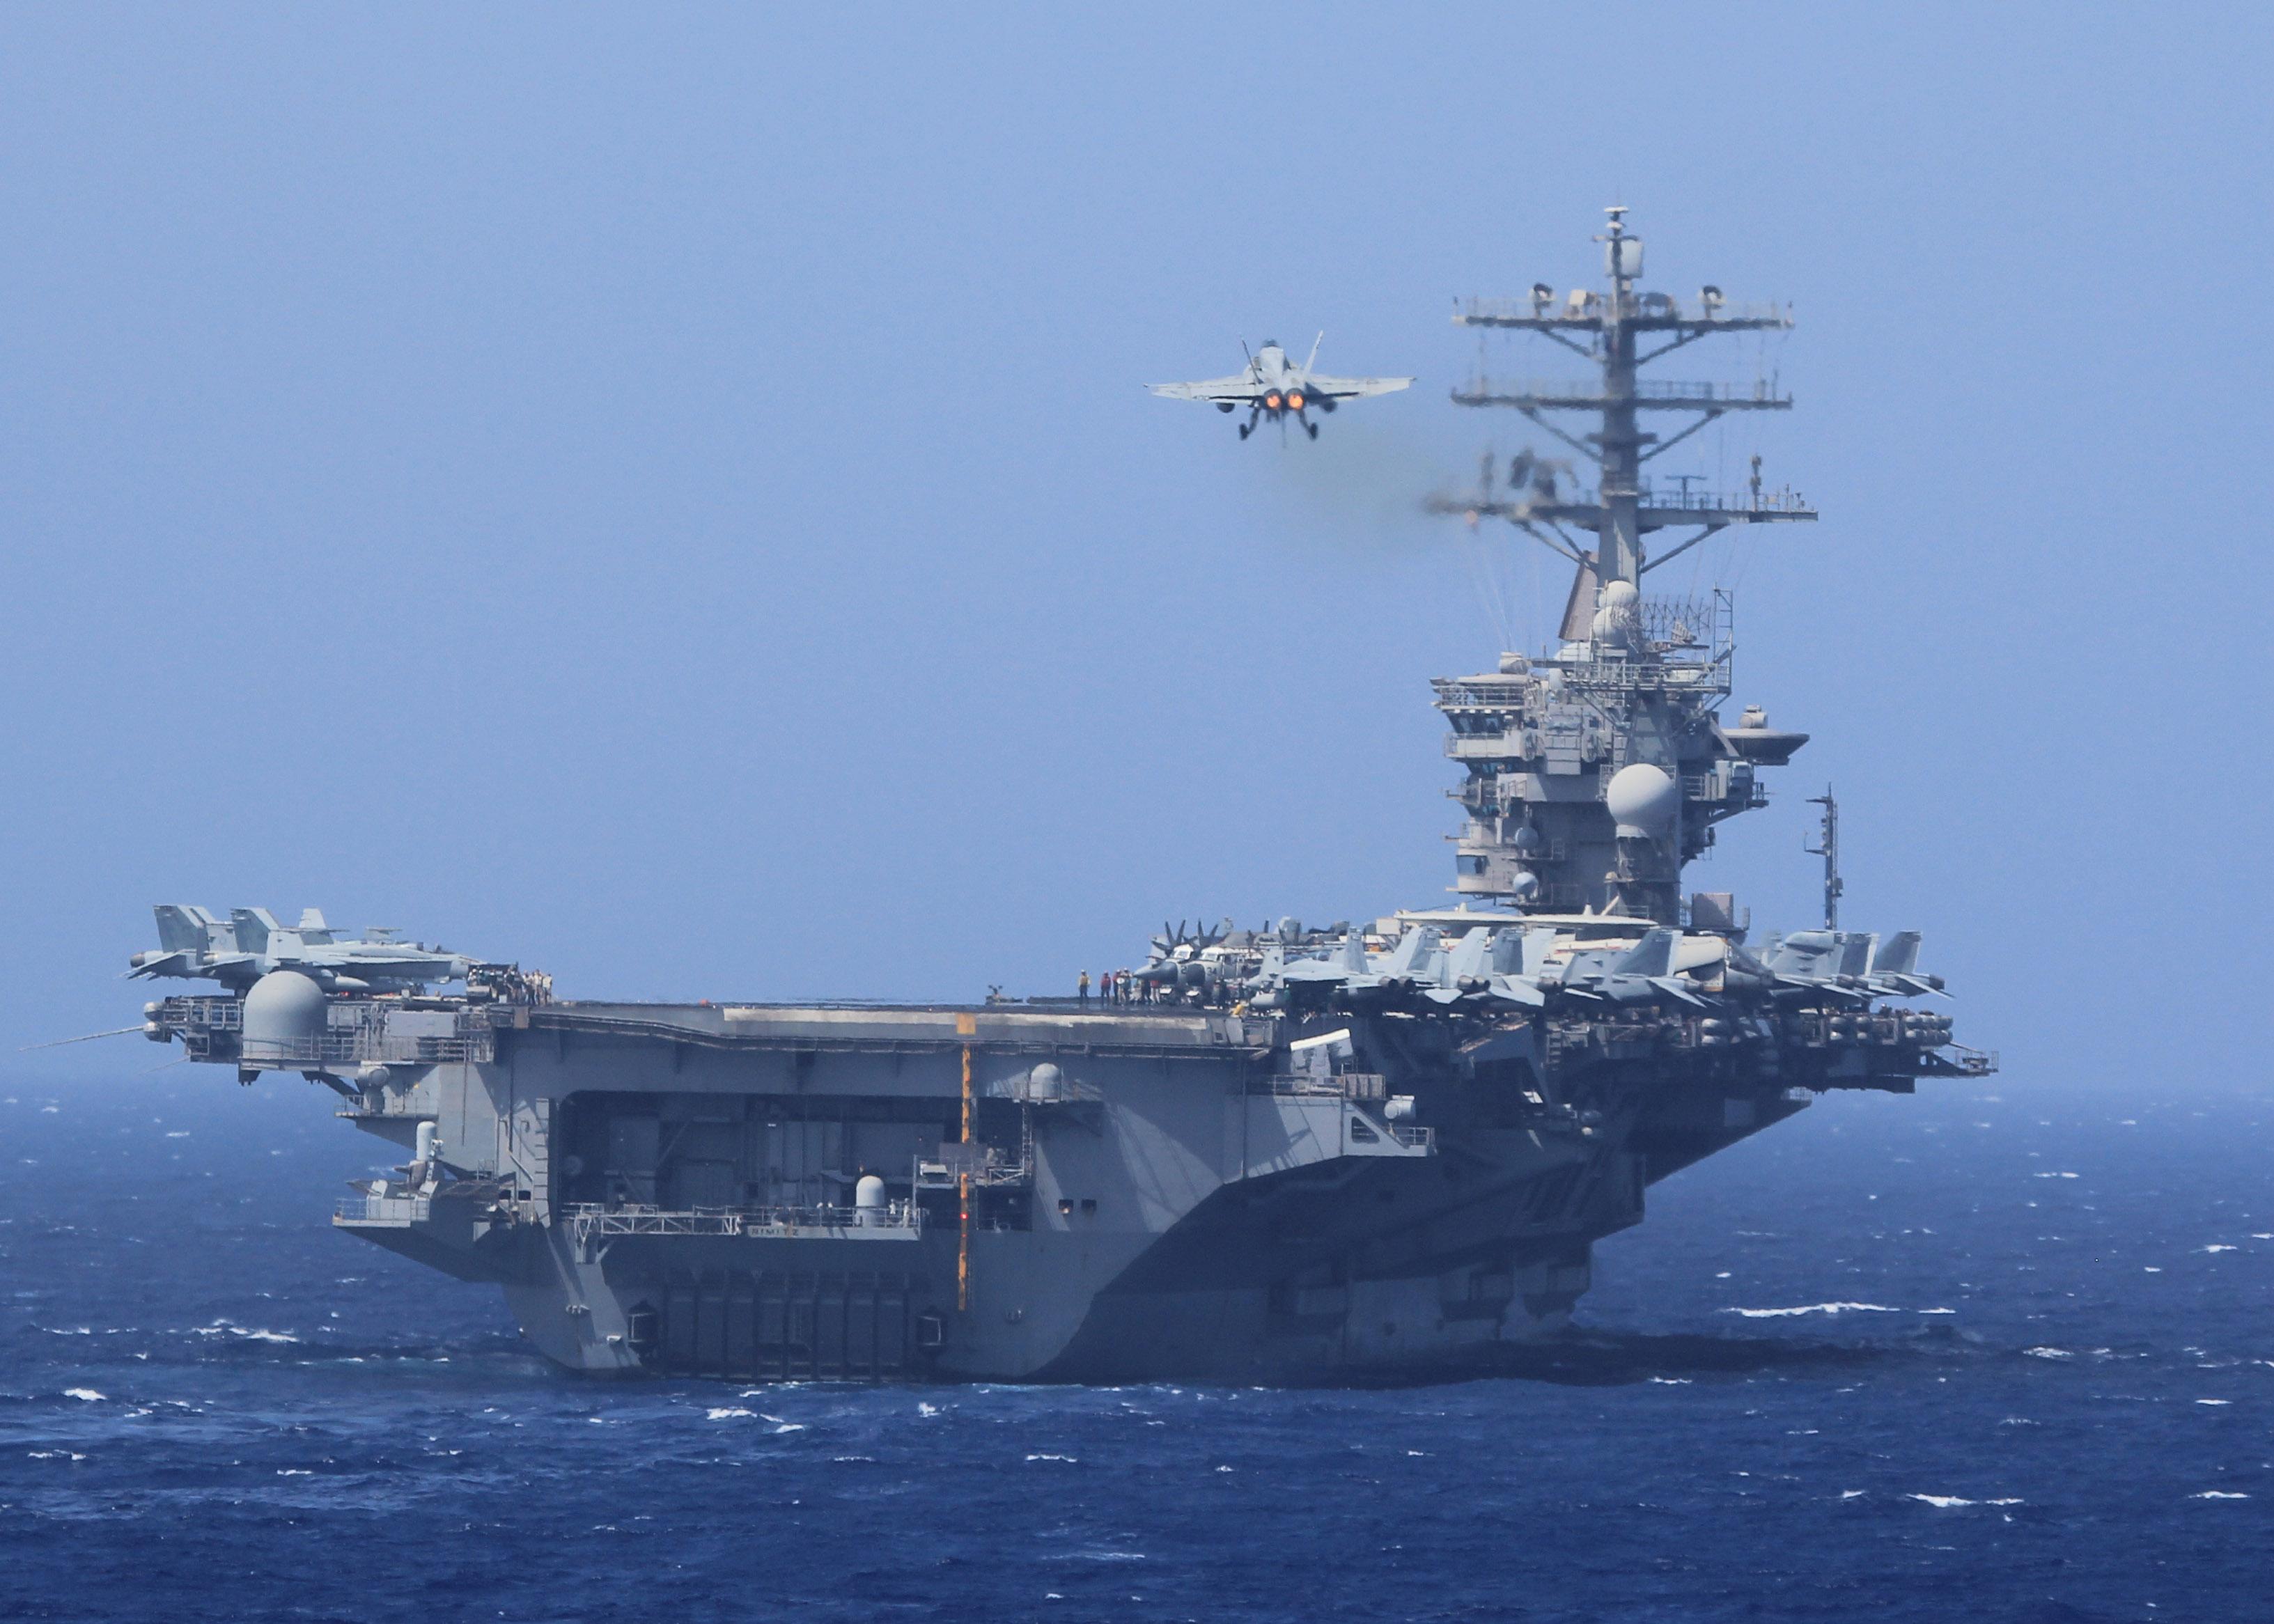 USS NIMITZ CVN-68 am 05.10.2013 im Roten MeerBild: U.S. Navy